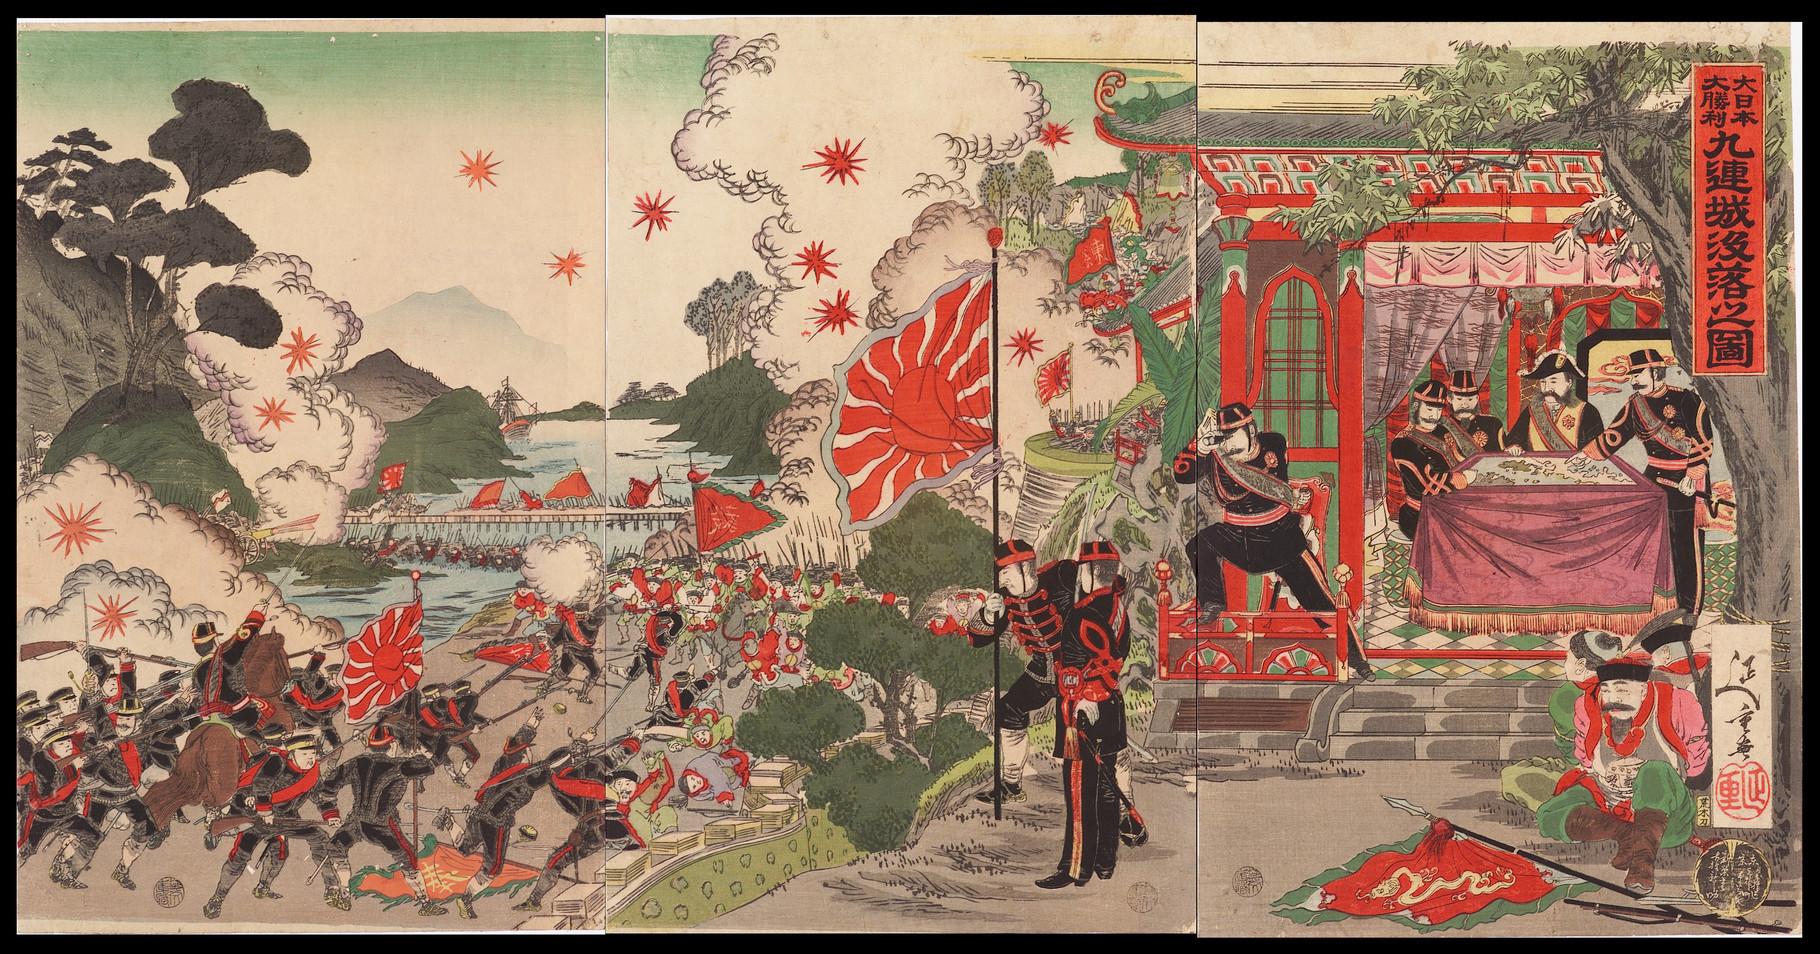 静岡県立中央図書館 蔵